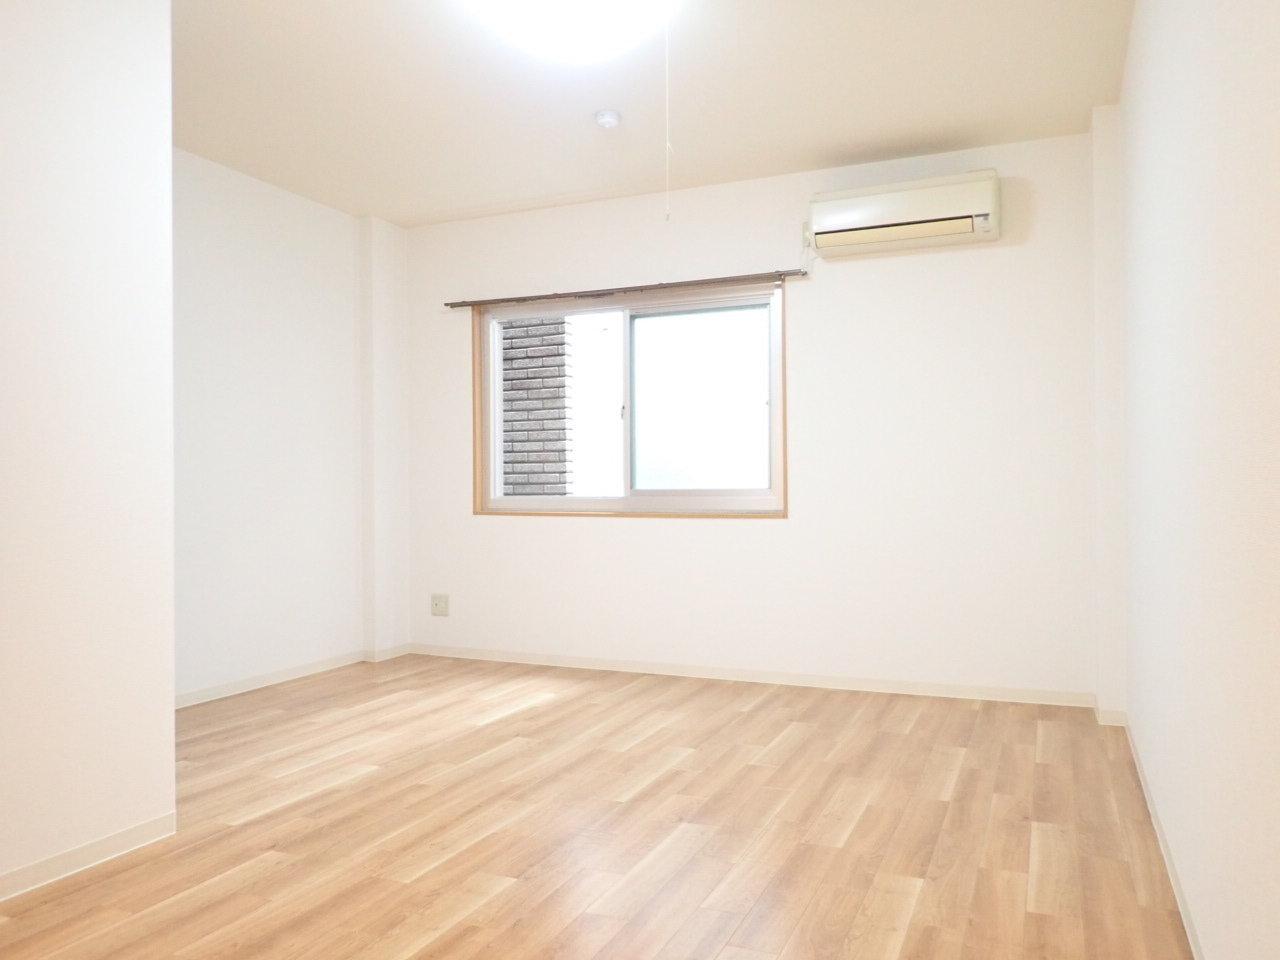 お部屋はベッドを置いてもまだまだ余裕のある広さ。ソファやテーブルにもこだわってみてください。